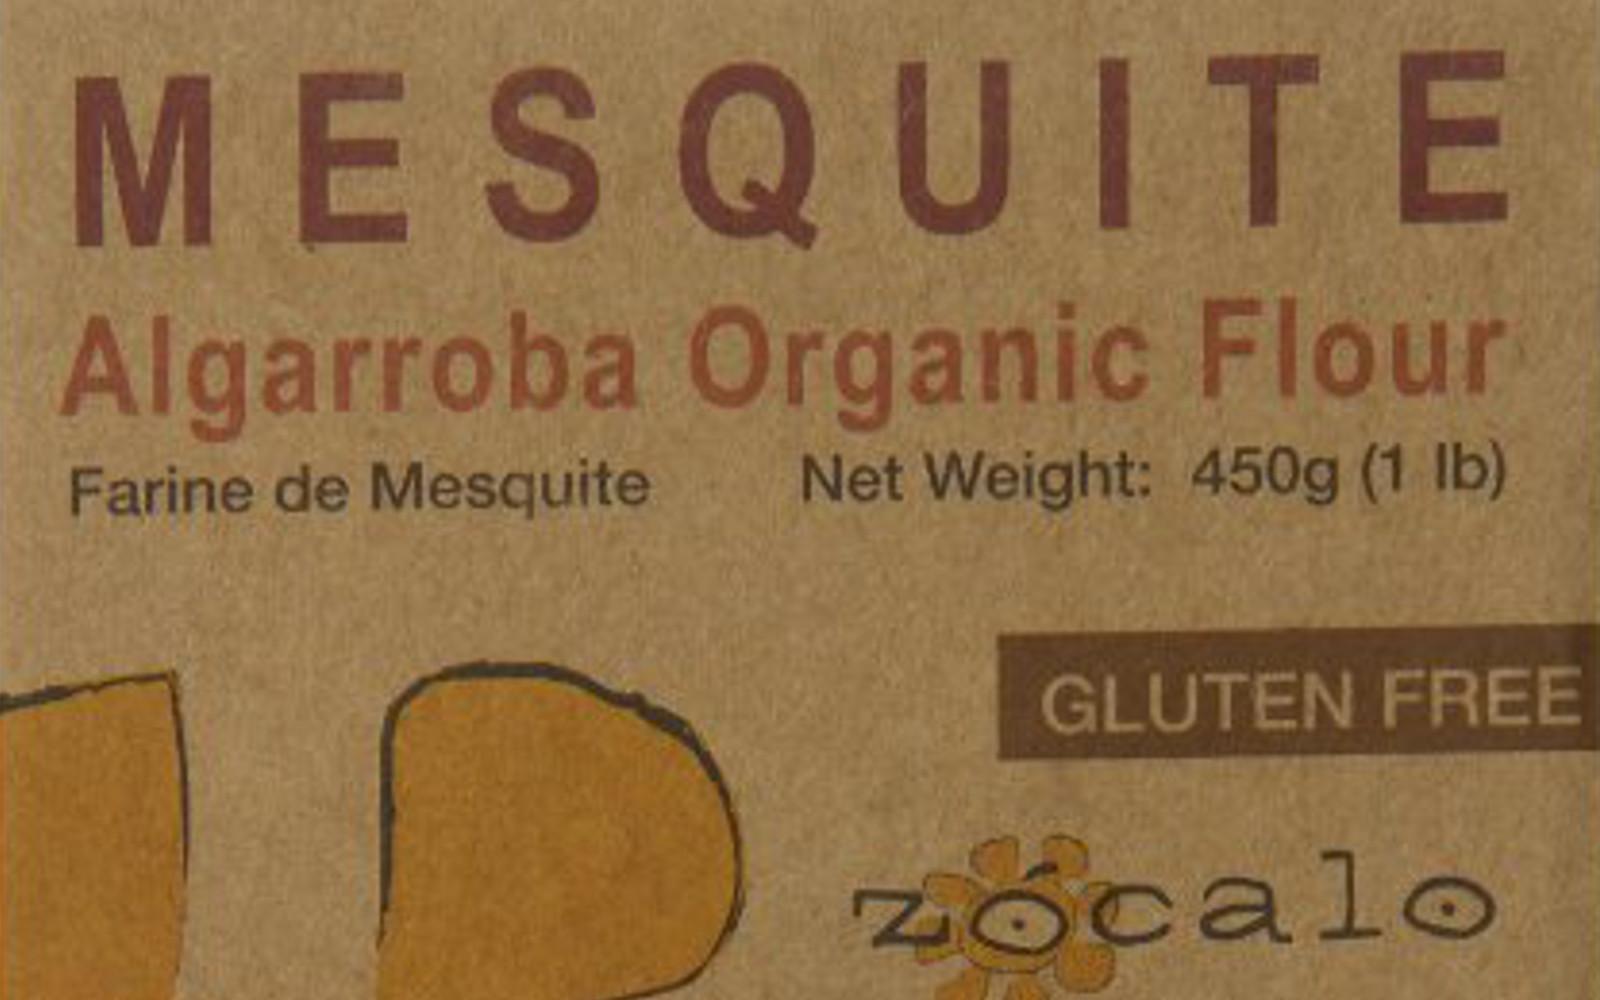 Zocalo Peru Mesquite Flour